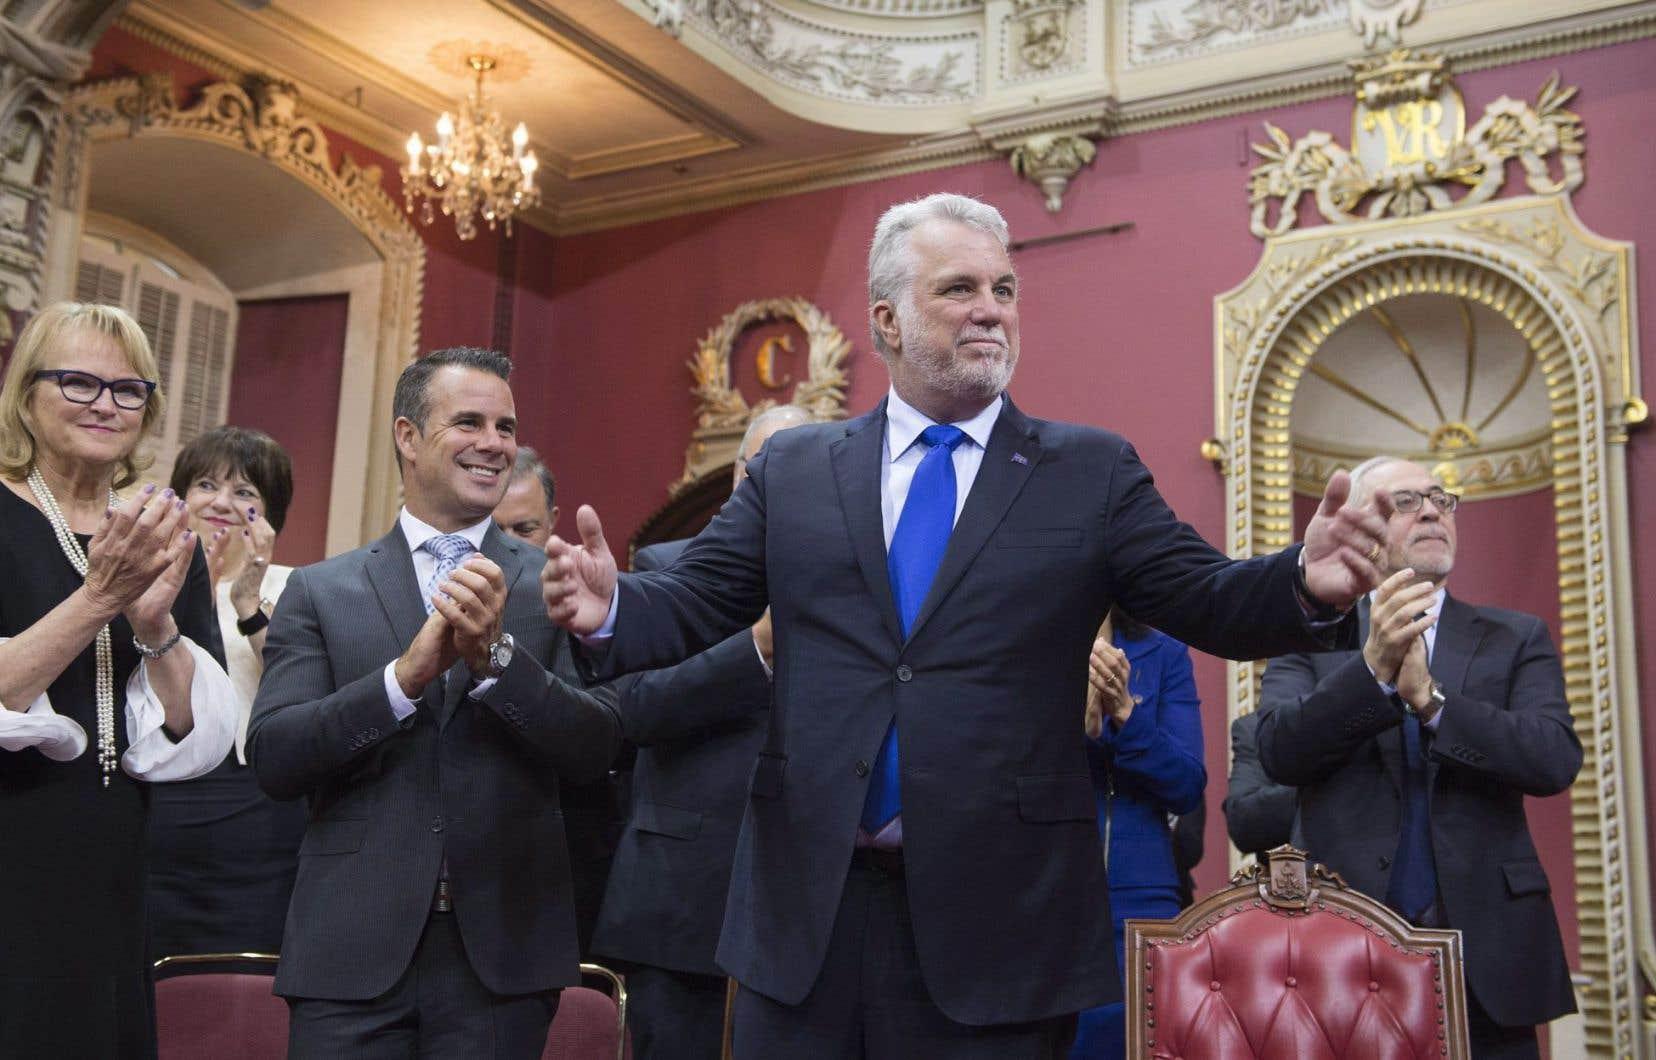 Philippe Couillard est applaudi par des membres de son cabinet, dont Nicole Ménard (présidente du caucus), Stéphane Billette (whip) et Carlos Leitão (Finances).